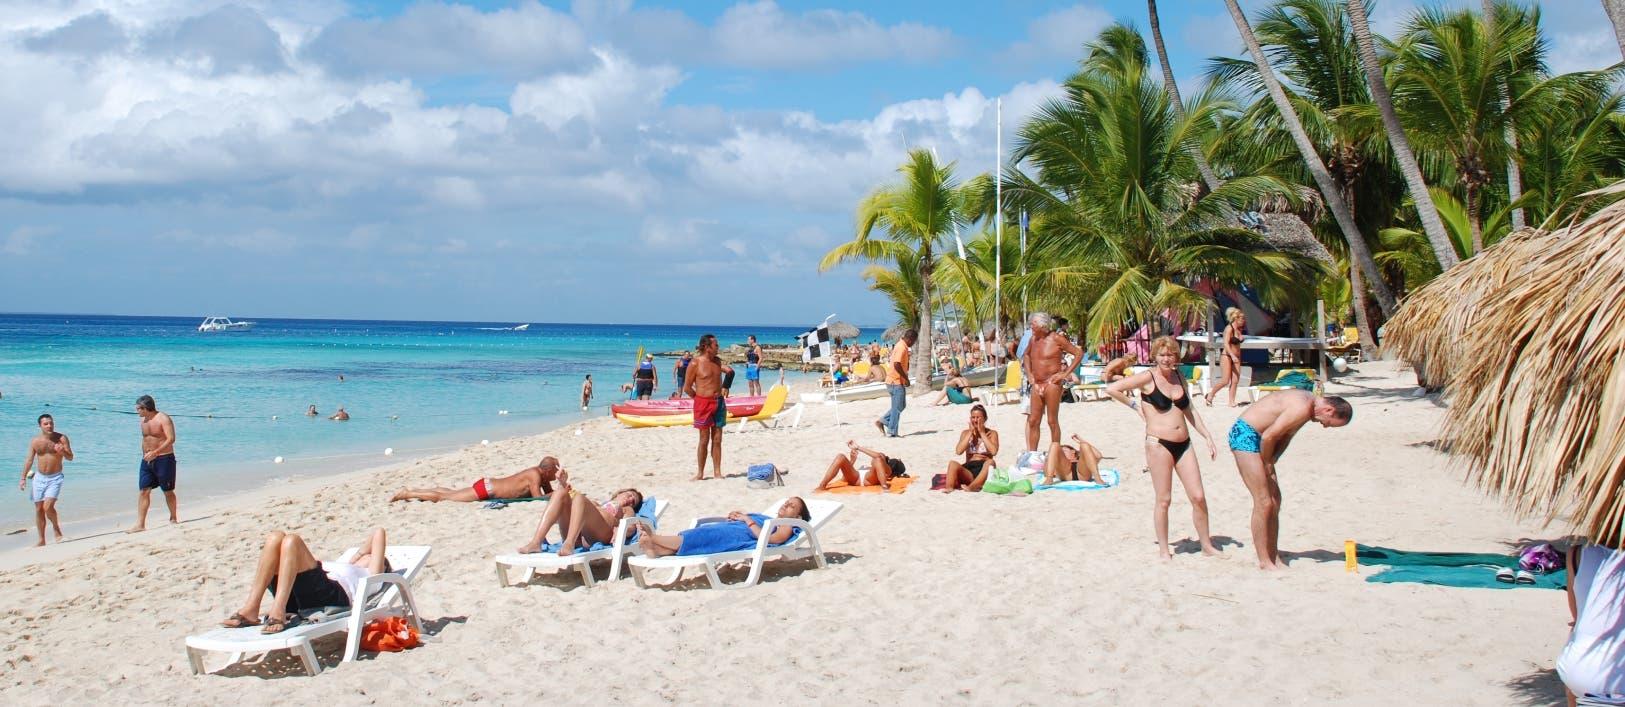 En el año 2016 la llegada de turistas al país creció en un 6.4 %, según datos oficiales.